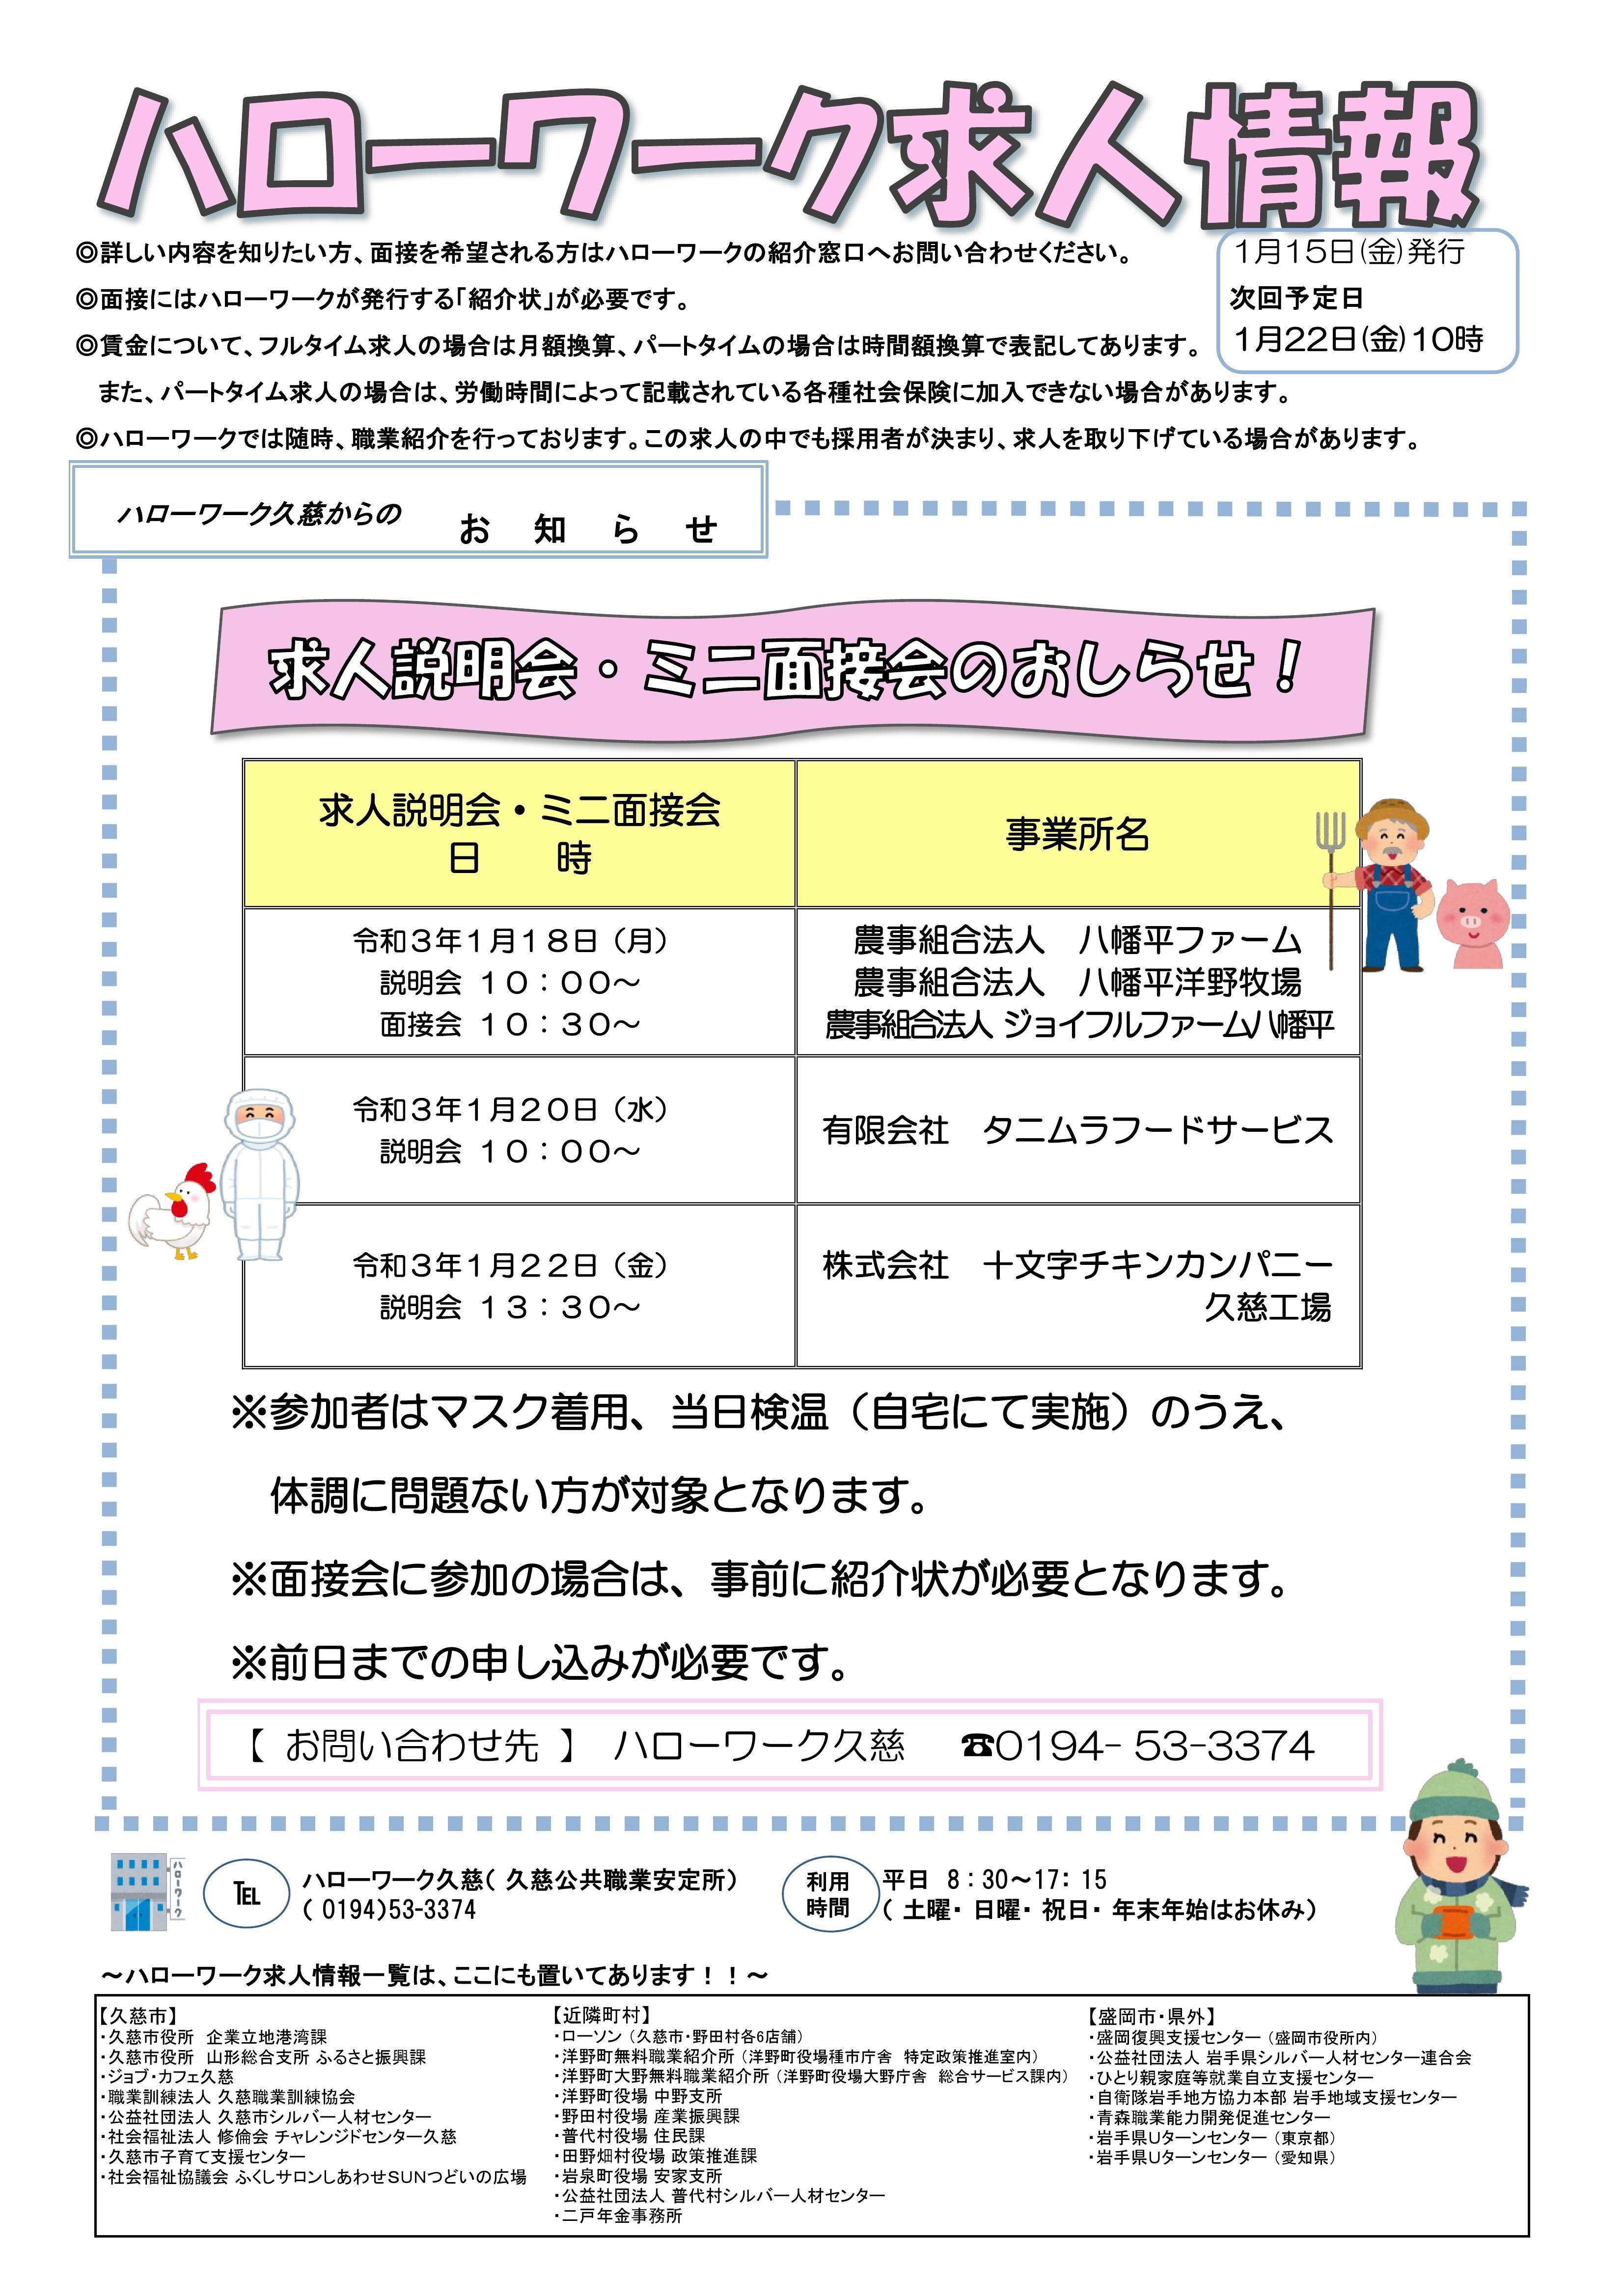 ハローワーク求人情報(令和3年4月16日号)